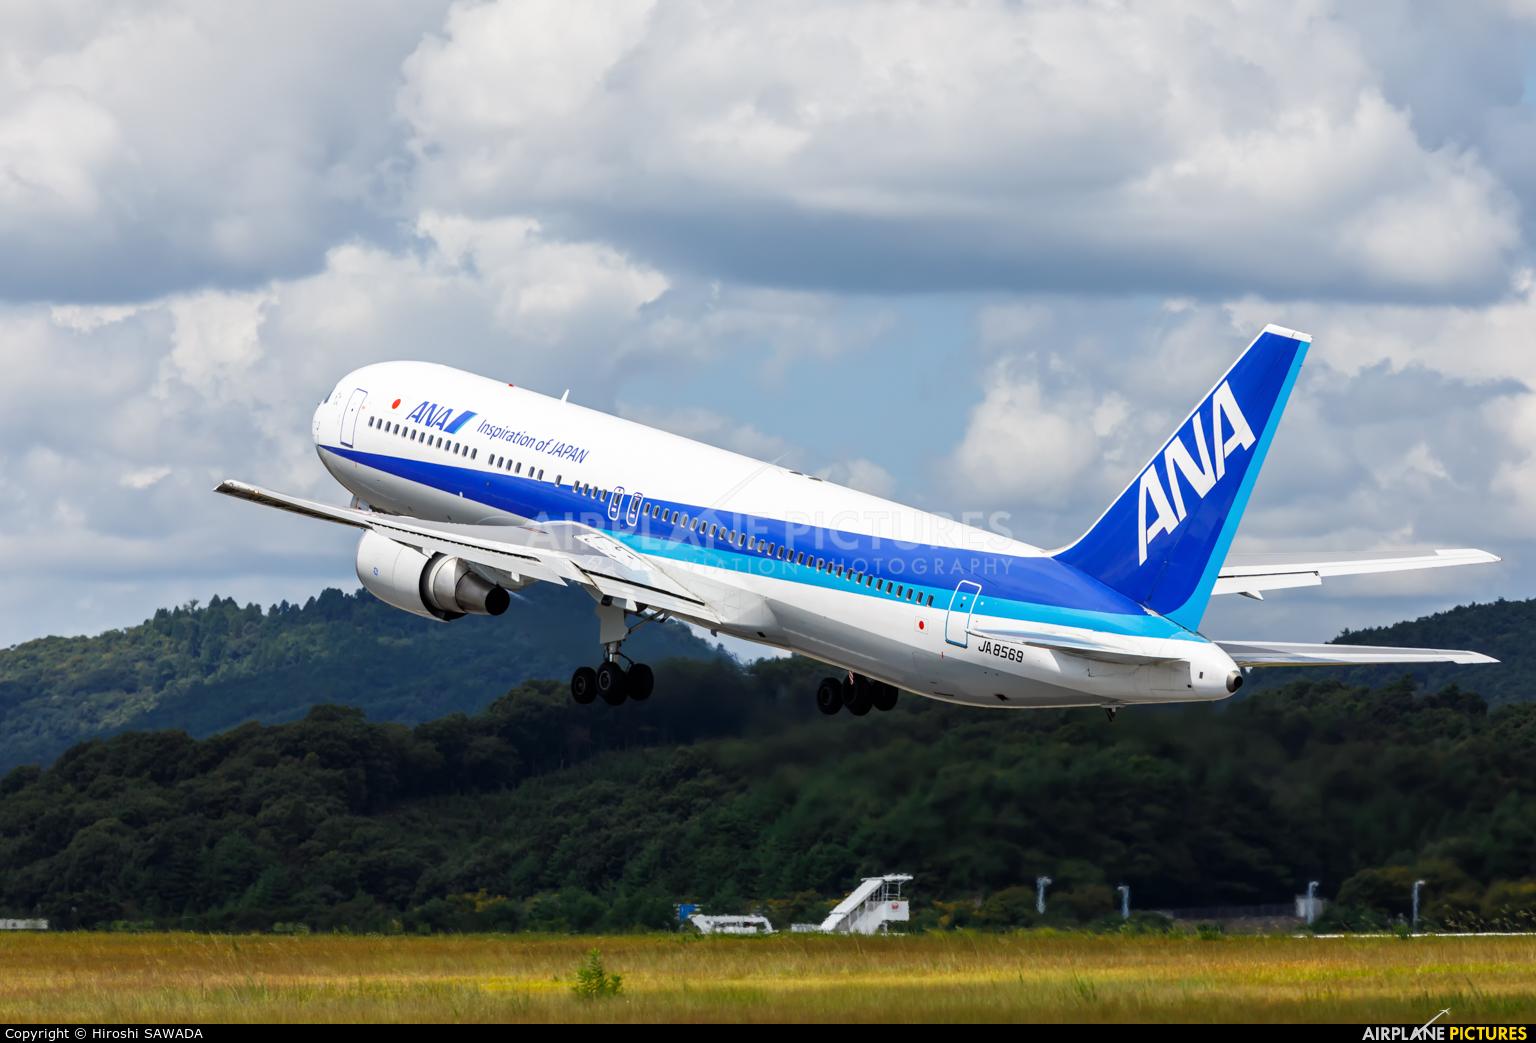 ANA - All Nippon Airways JA8569 aircraft at Hiroshima